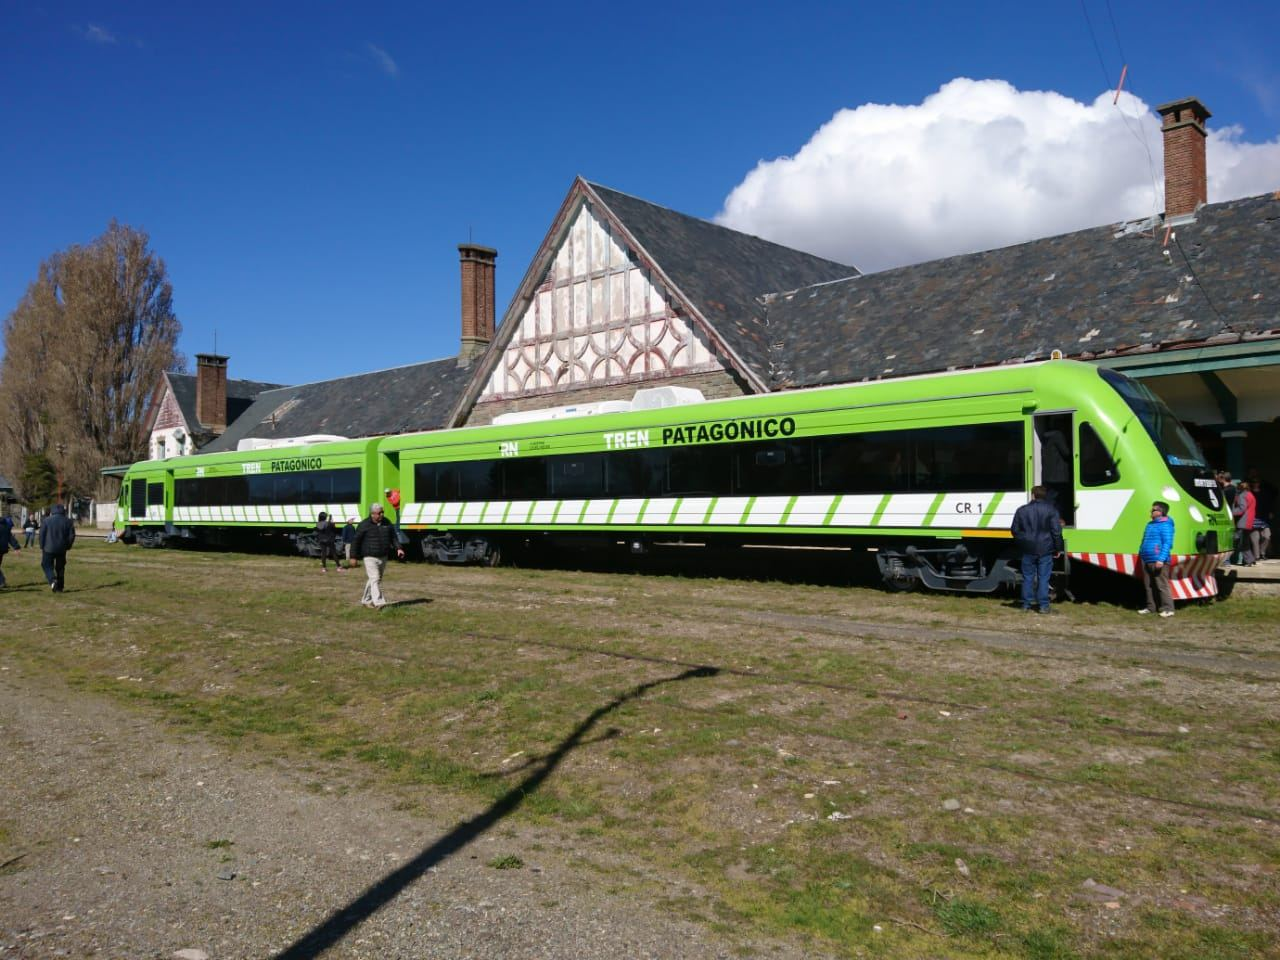 Tren recién arribado a a Estación de Bariloche. ¿Cómo se puede llegar a esta ciudad en tren desde Buenos Aires?